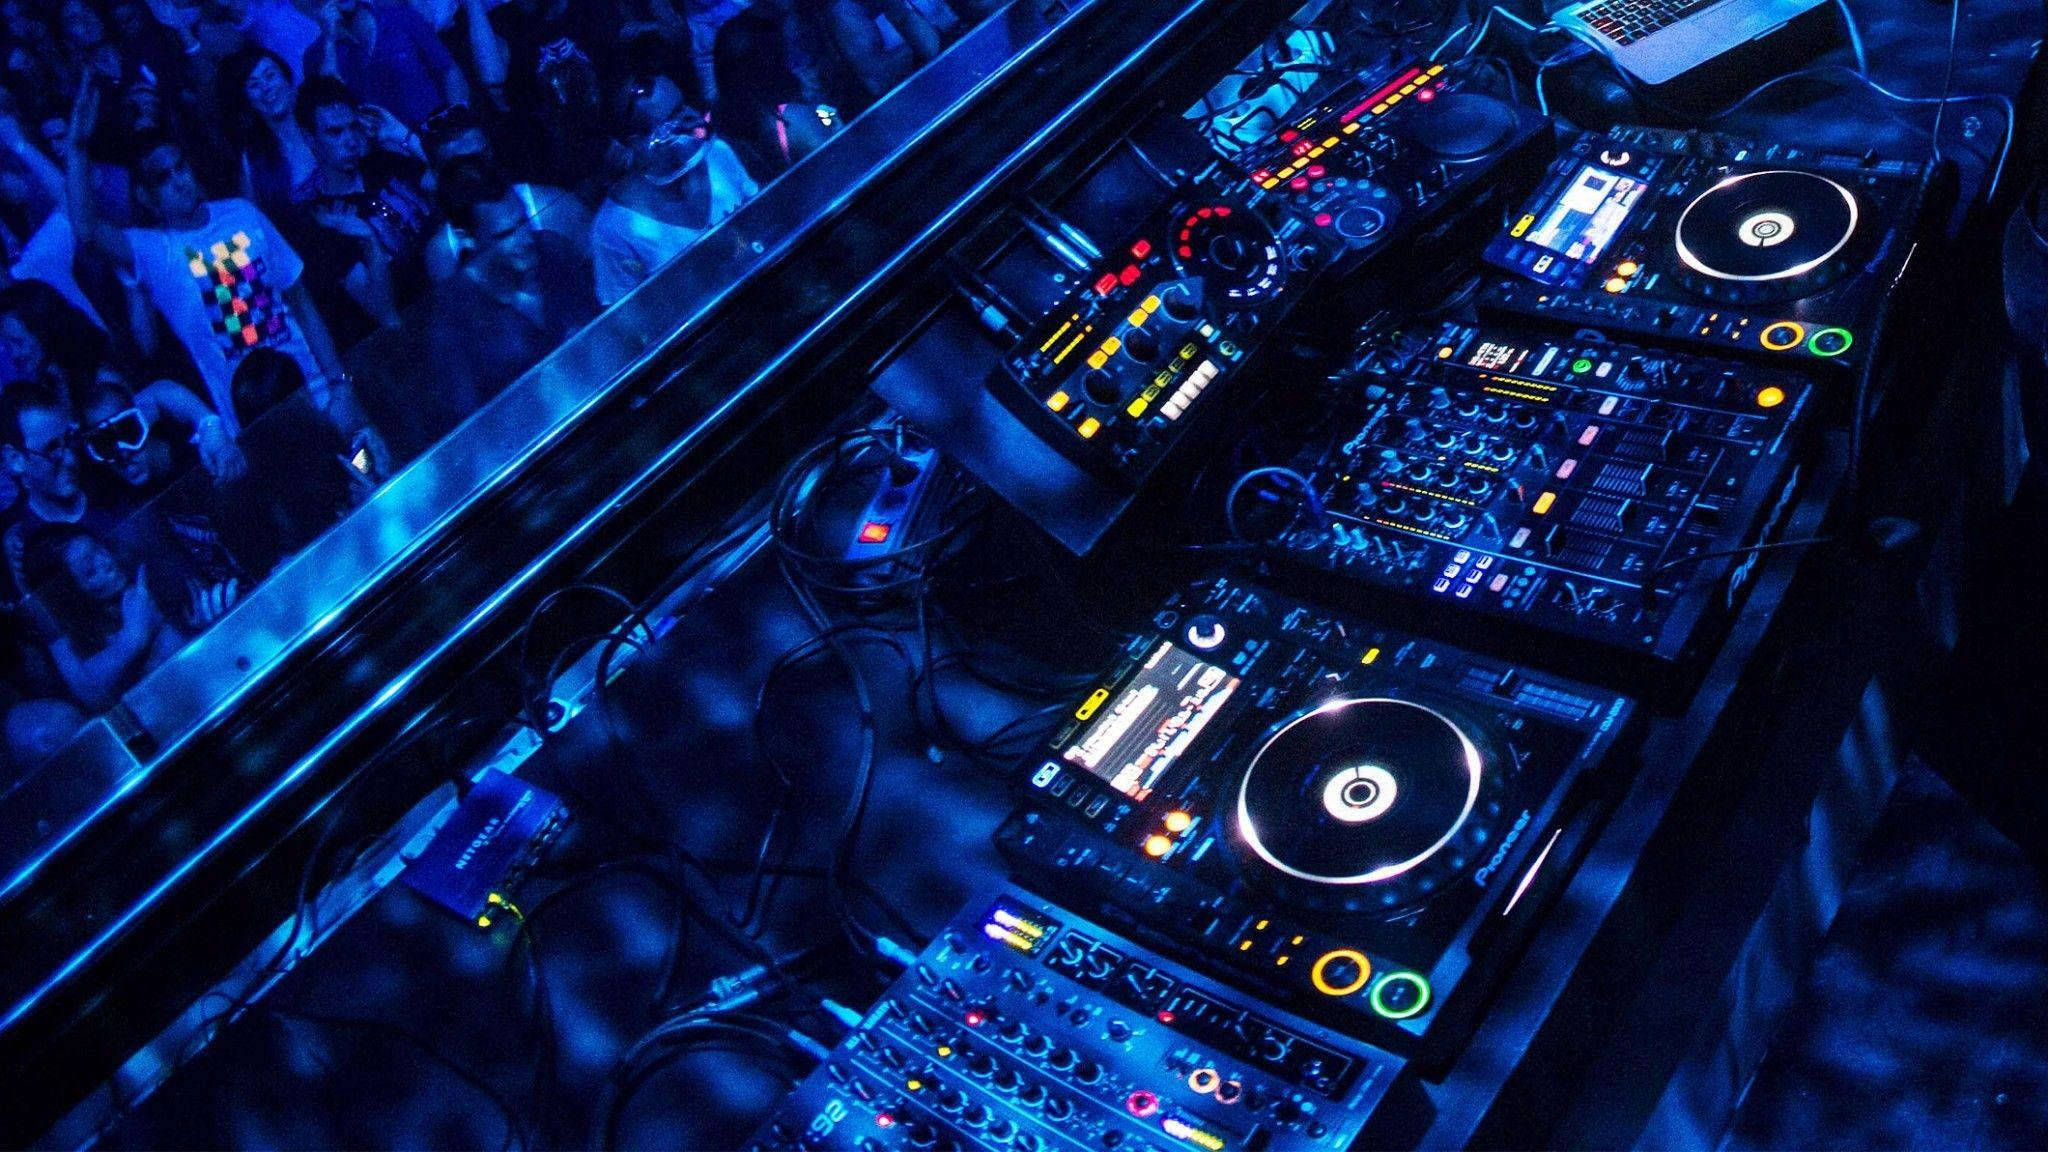 Pioneer Dj Wallpaper 68 Images: Pioneer DJ Mixer Wallpapers